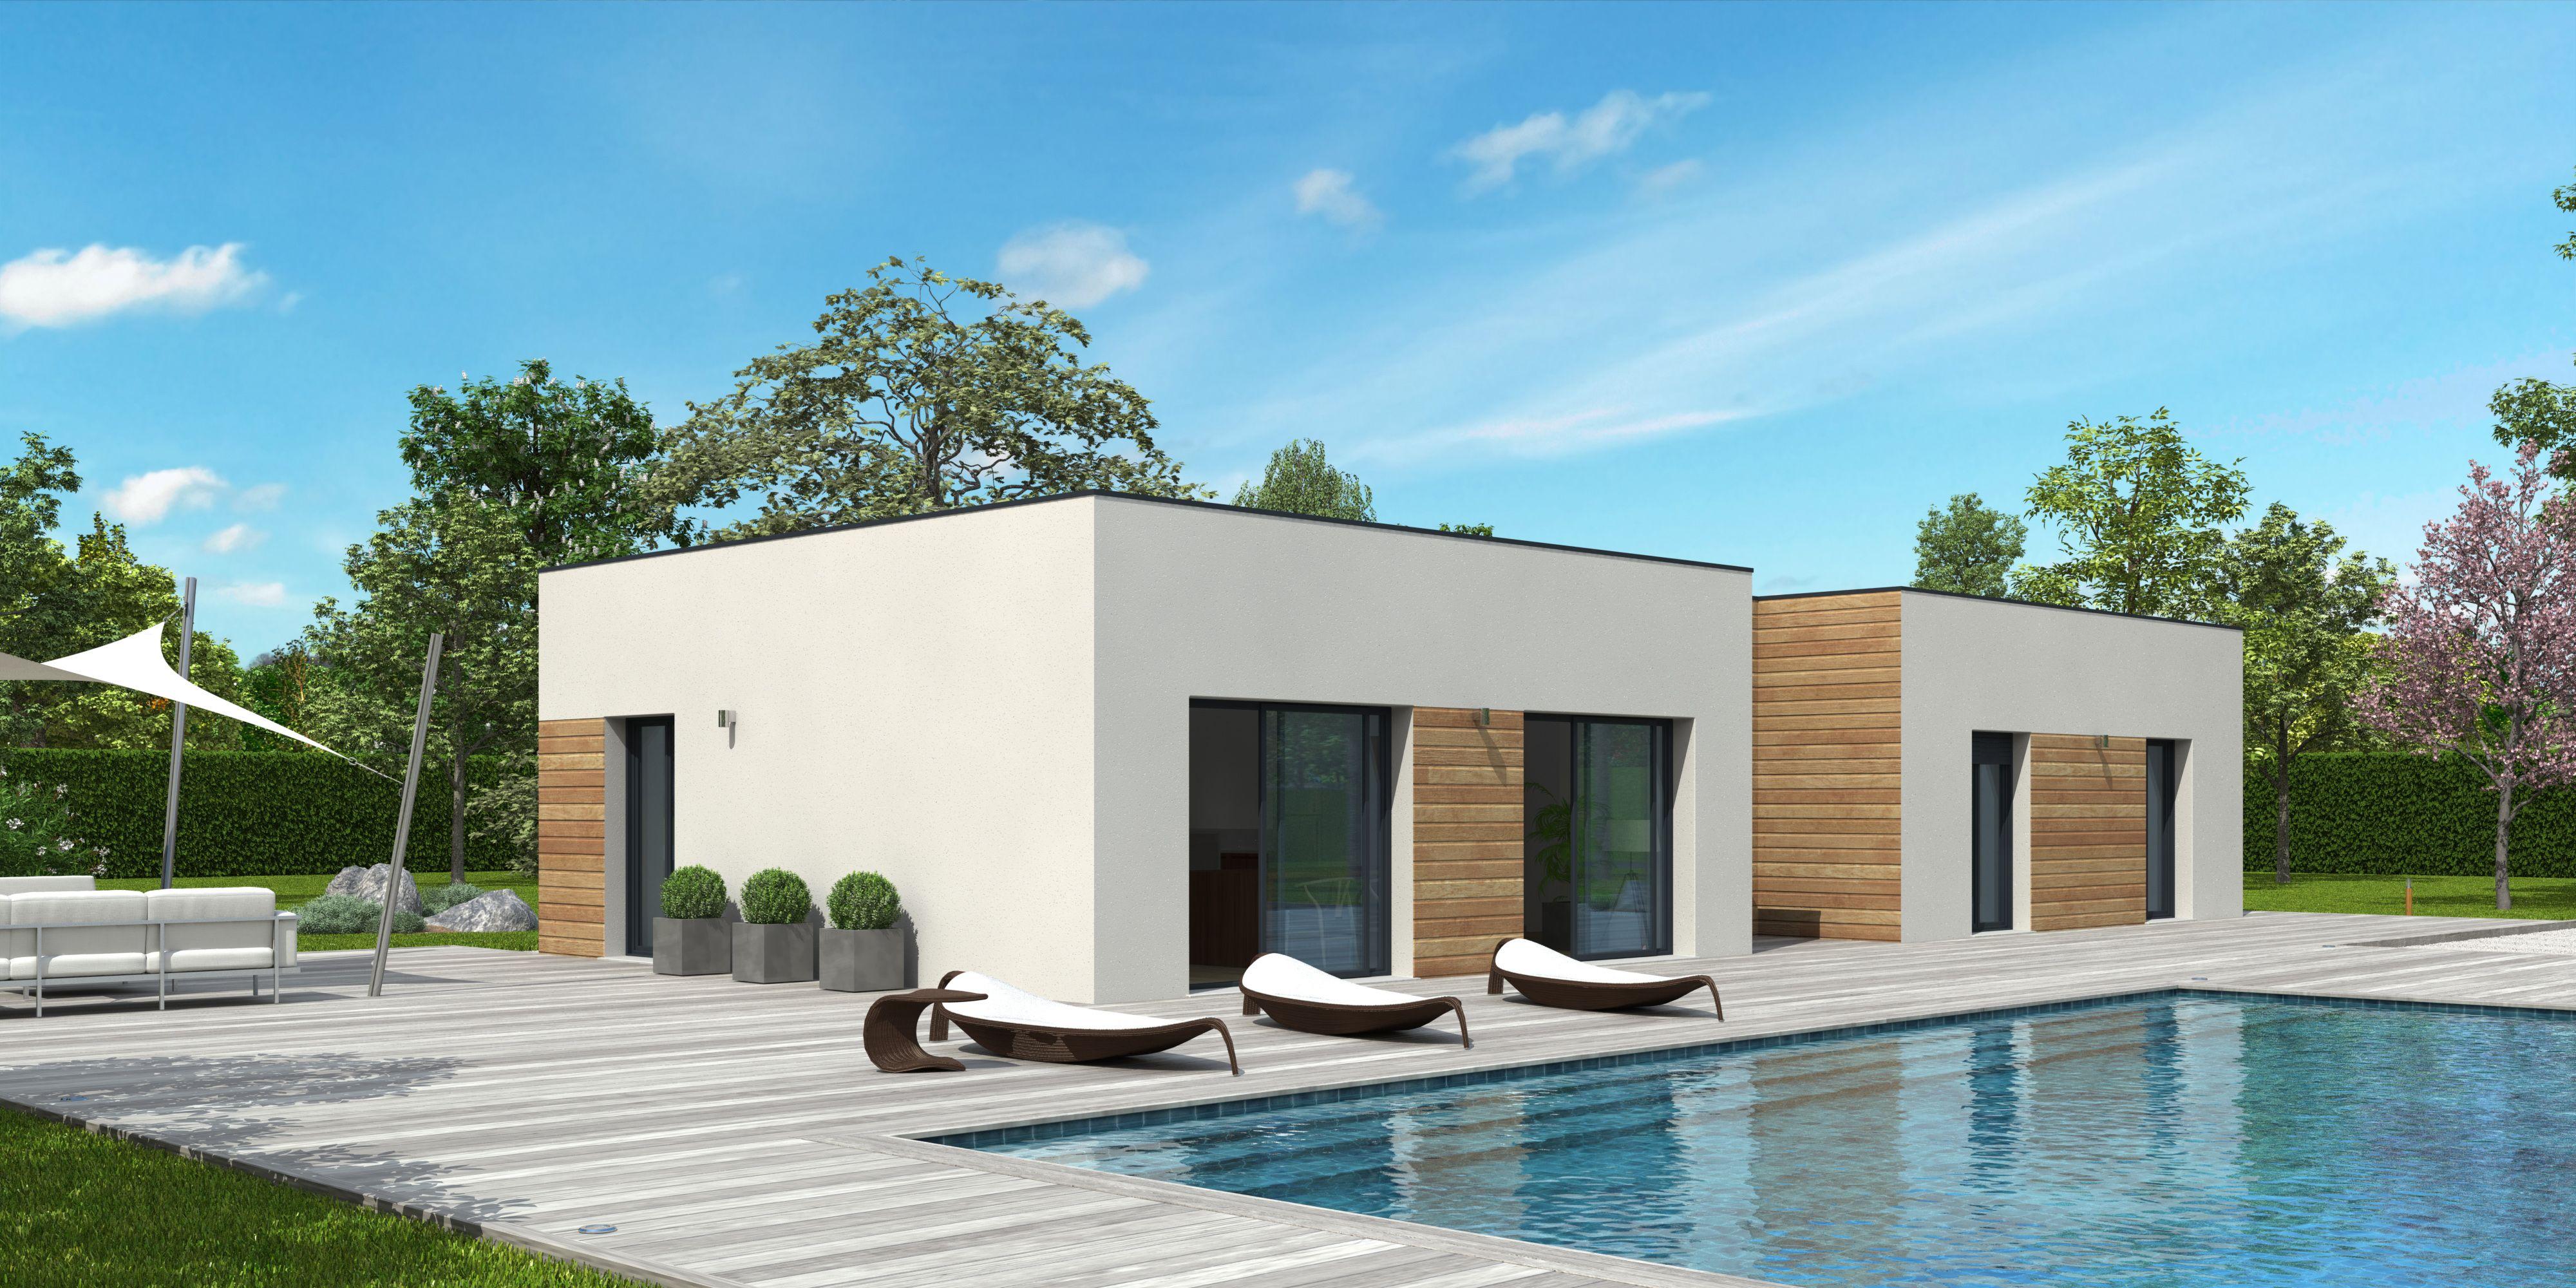 Natilia, Constructeur Maison Individuelle Sur Mesure En Loire Atlantique # Constructeur #maison #